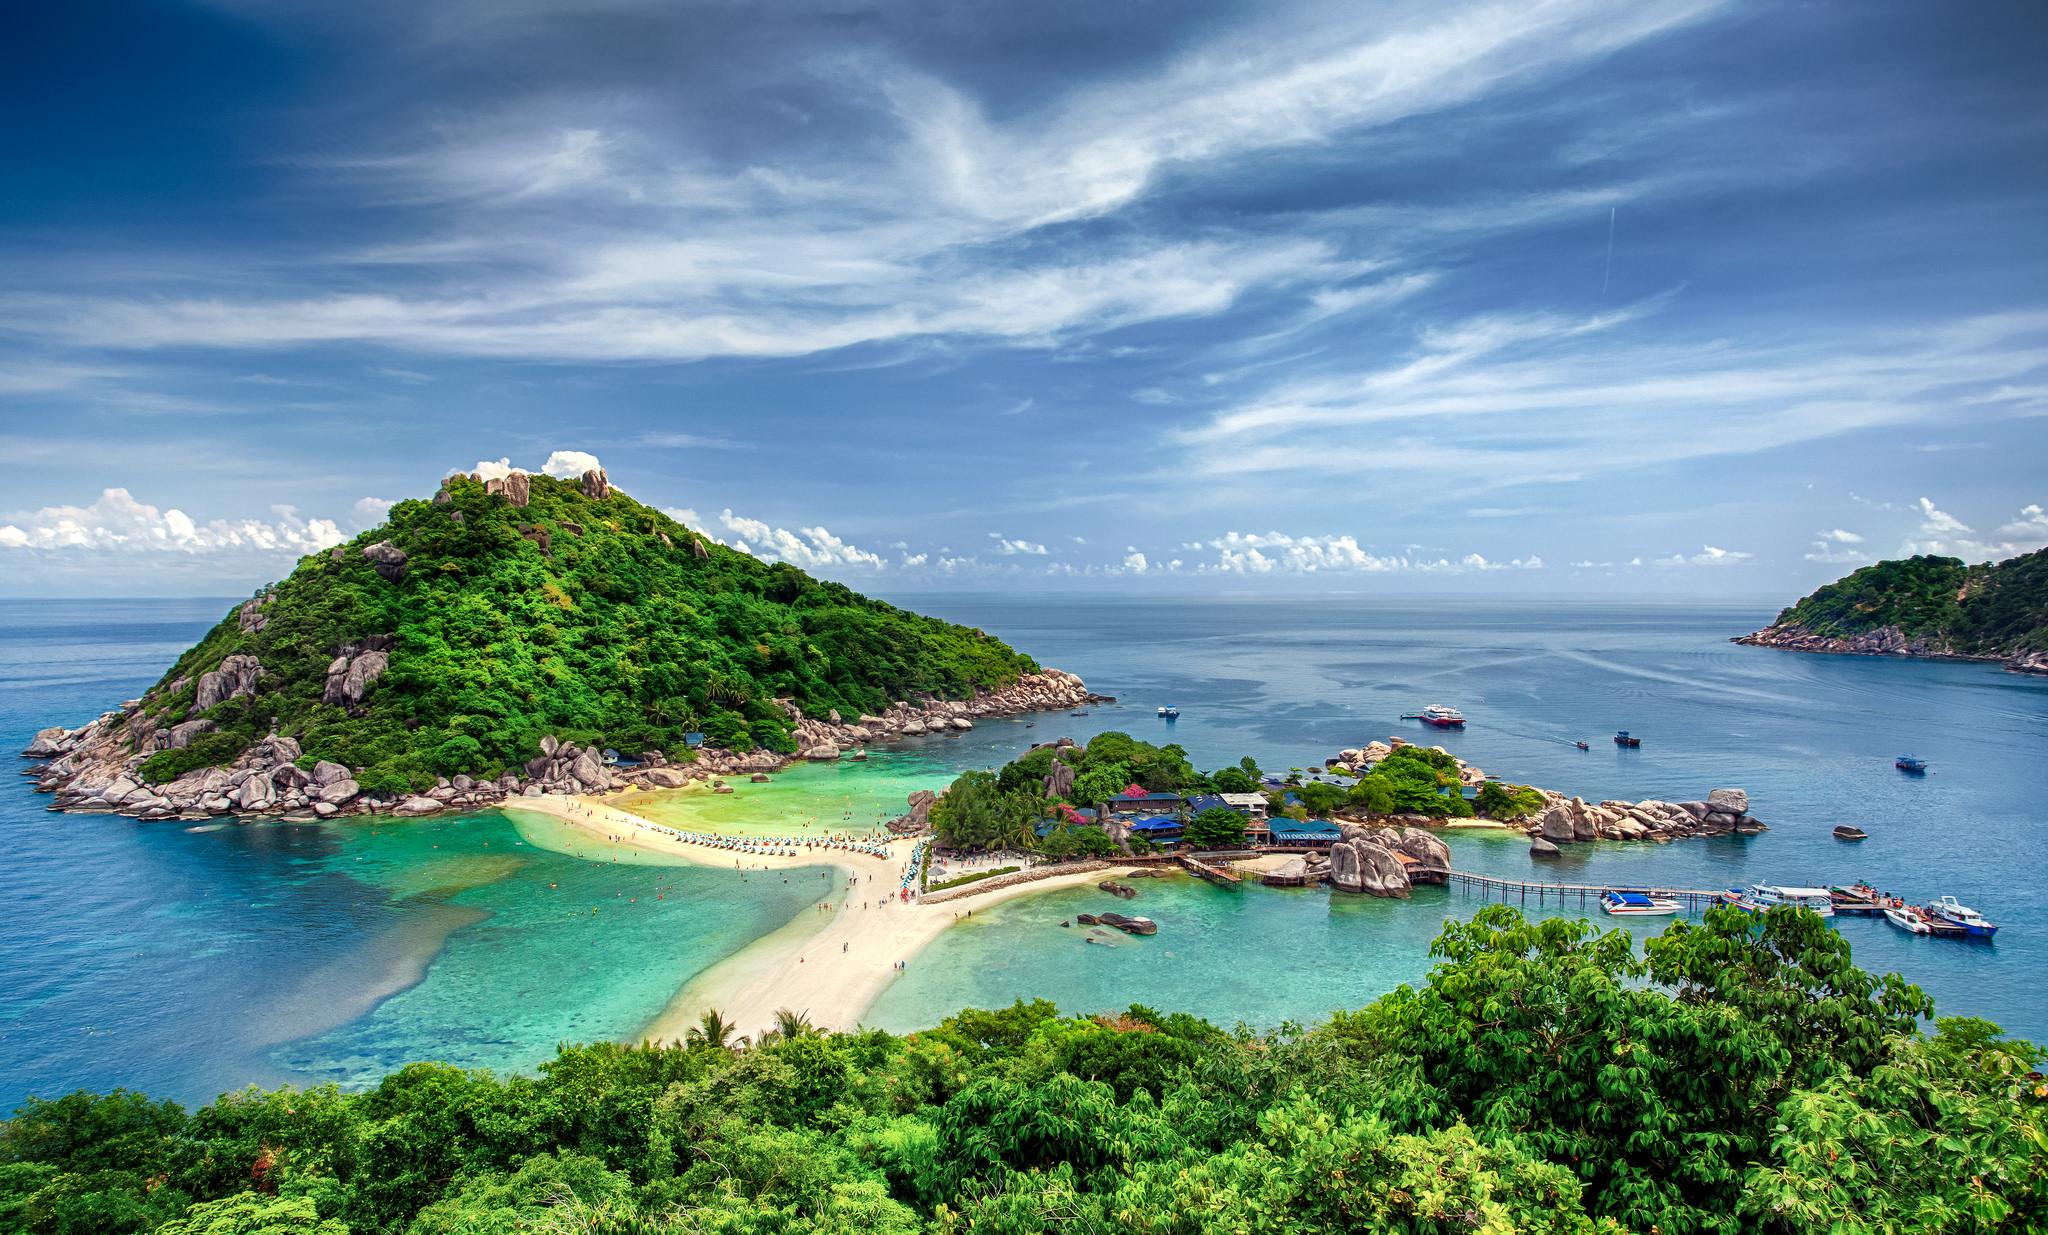 蘇梅島南園島+濤島浮潛一日遊(海景餐廳+碼頭早餐+浮潛+觀景臺)